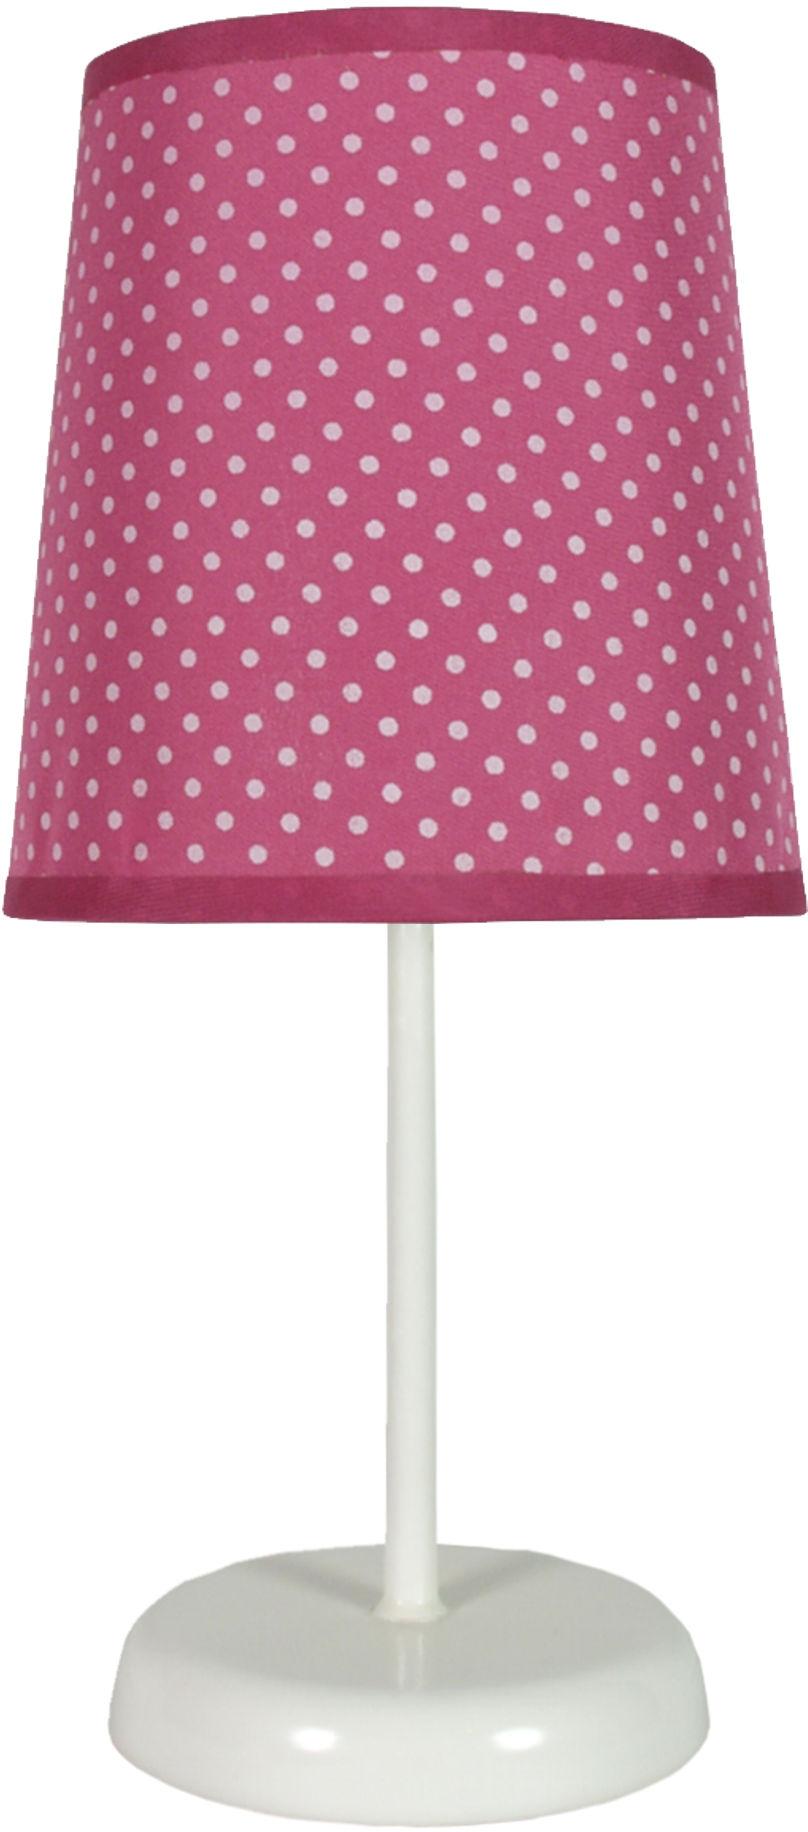 Candellux GALA 41-98279 lampa stołowa abażur fuksja w kropki 1X40W E14 14 cm